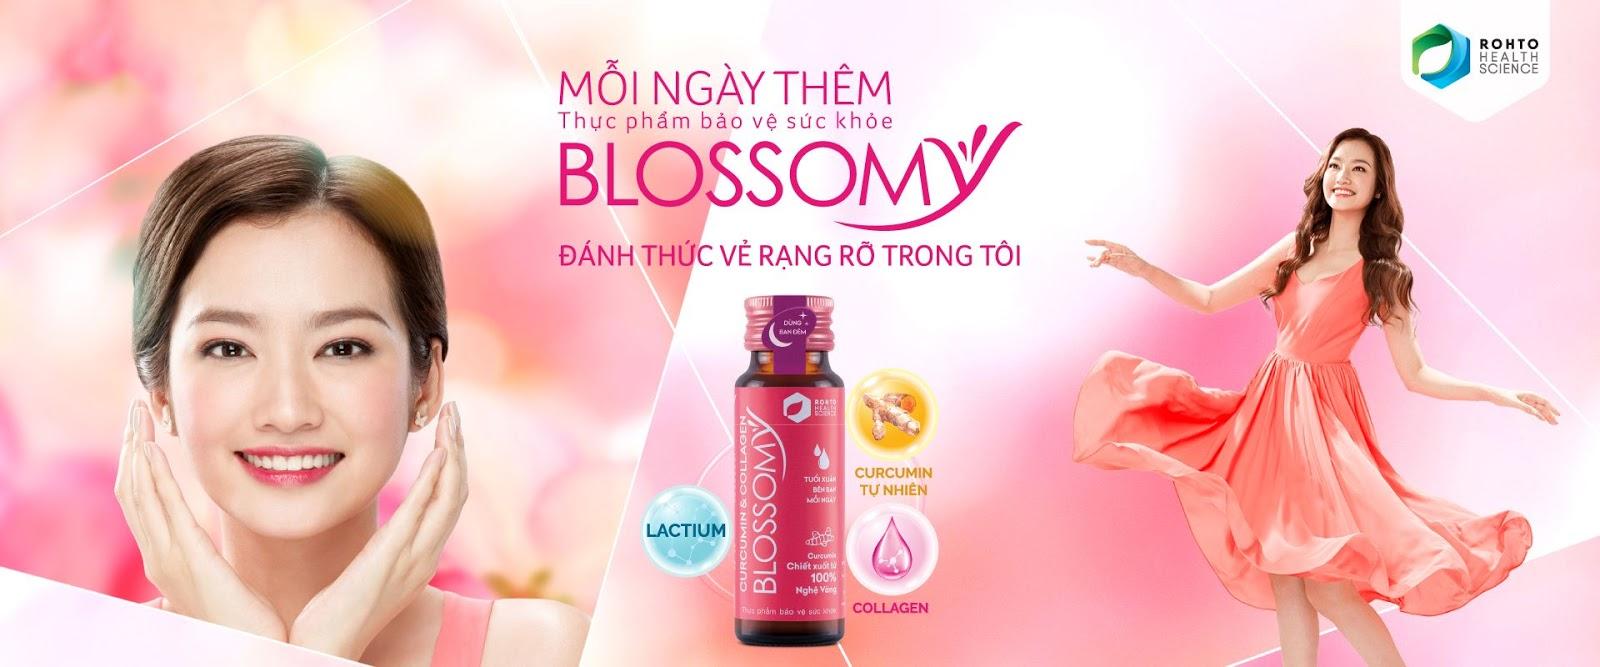 Nước Uống Đẹp Da, Cải Thiện Sức Khỏe Blossomy Curcumin & Collagen ...